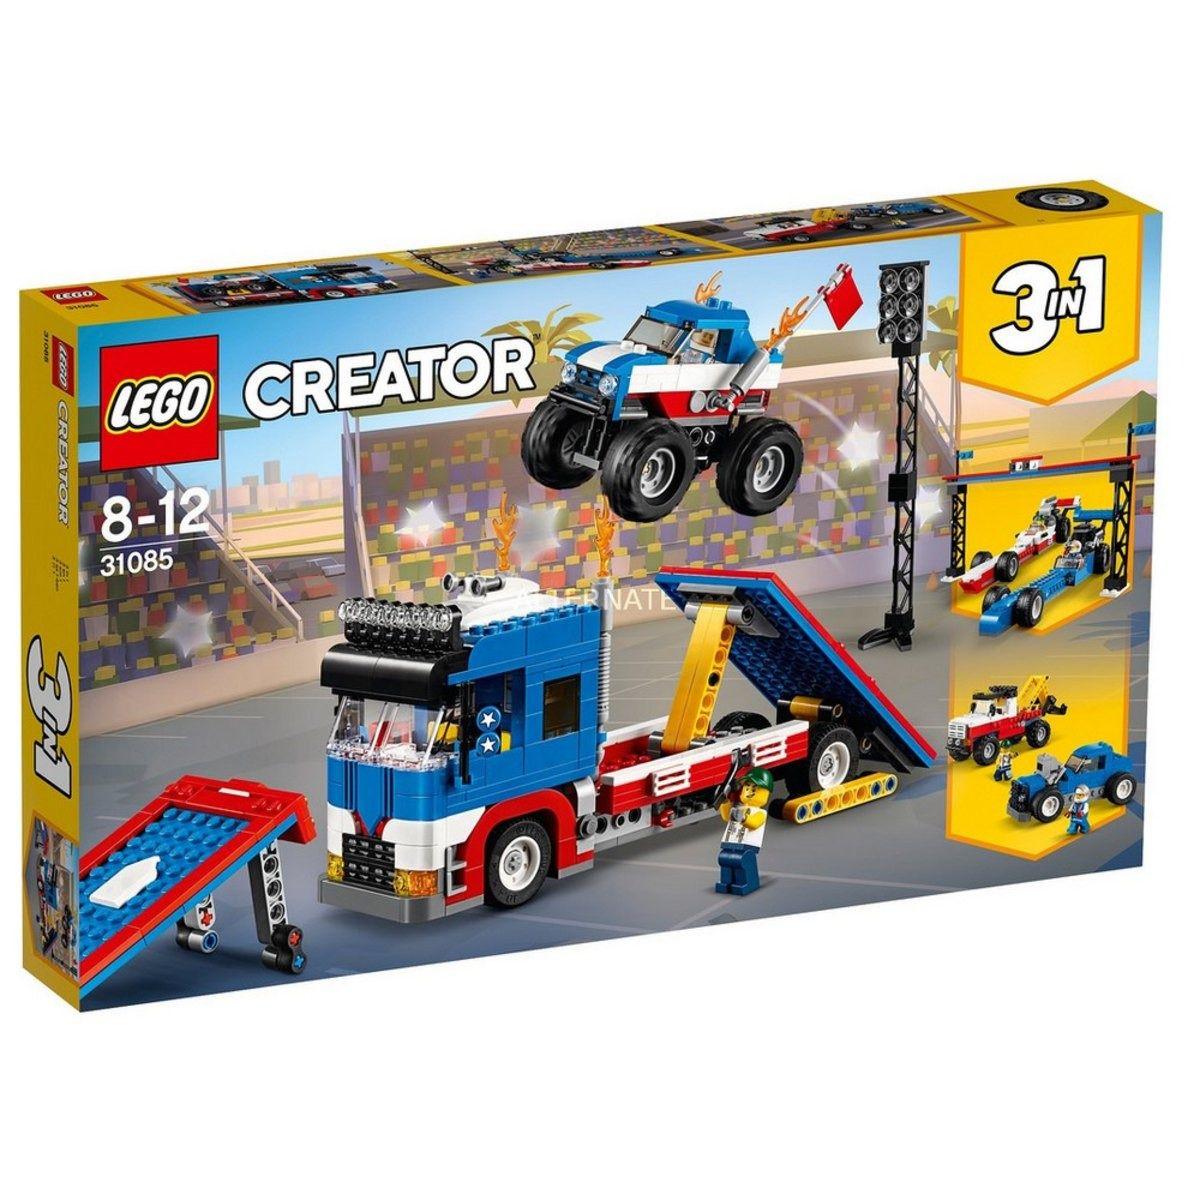 Lego 31085 Creator Espetaculo De Acrobacia Movel – 581 peças